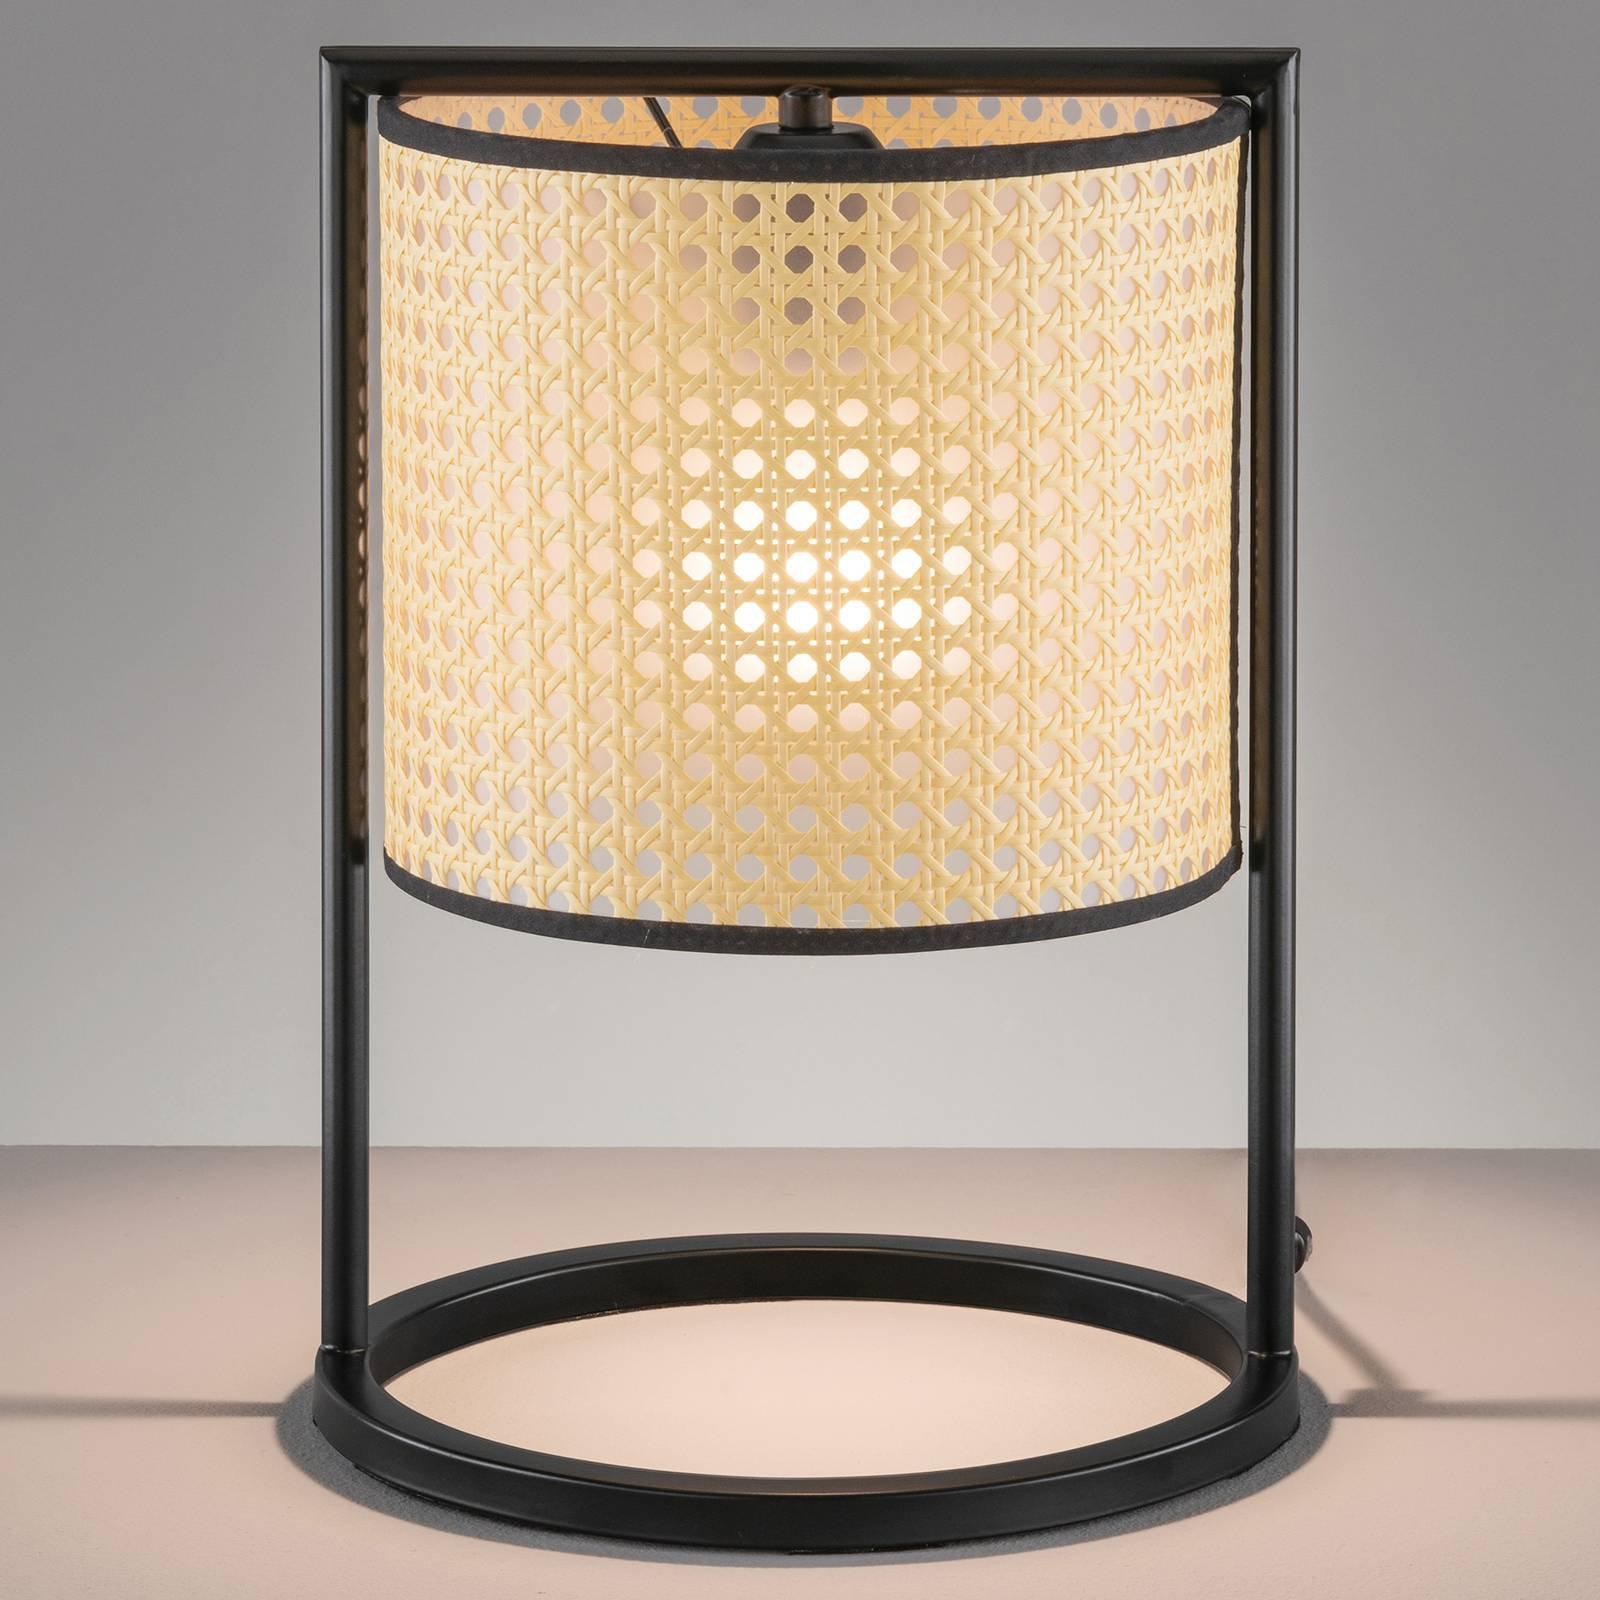 Bordlampe Tyler med flettet utseende, høyde 36 cm